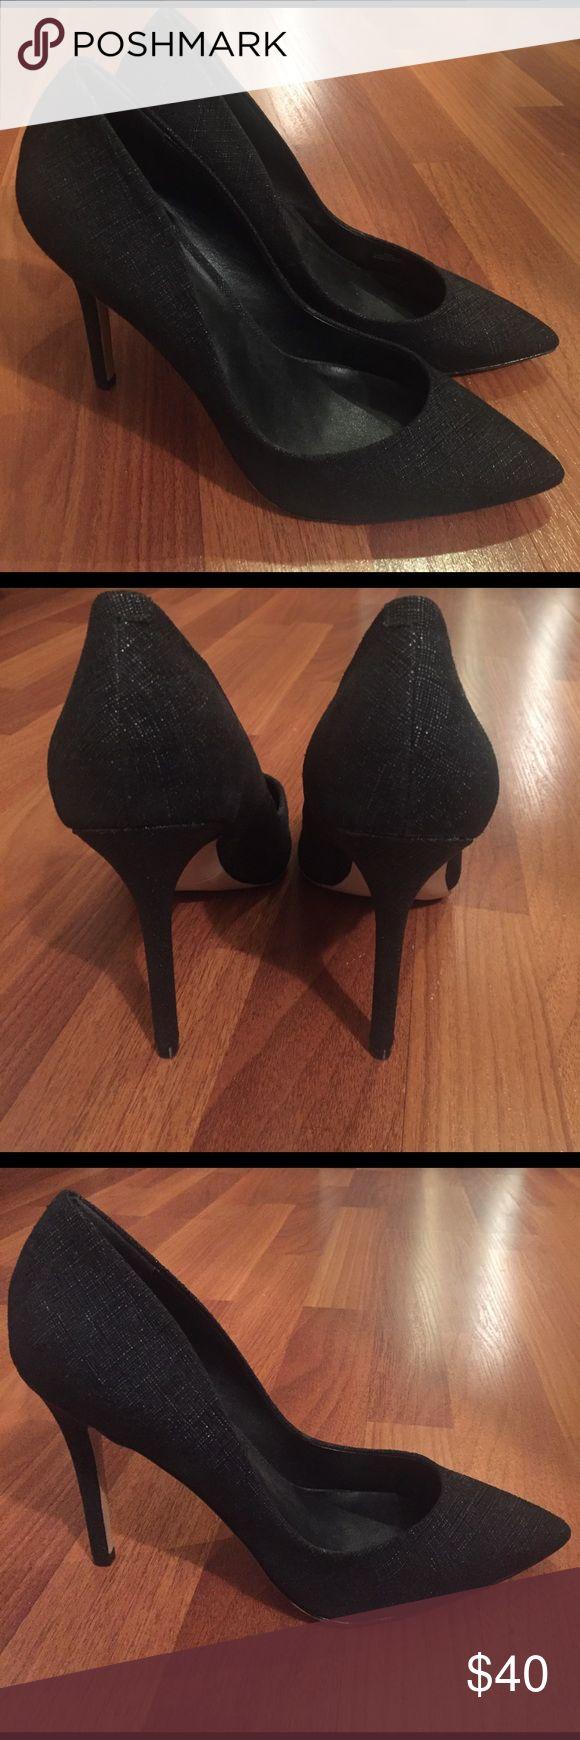 Charles by Charles David black pumps. No box. Gorgeous black pumps. As good as new. Charles David Shoes Heels